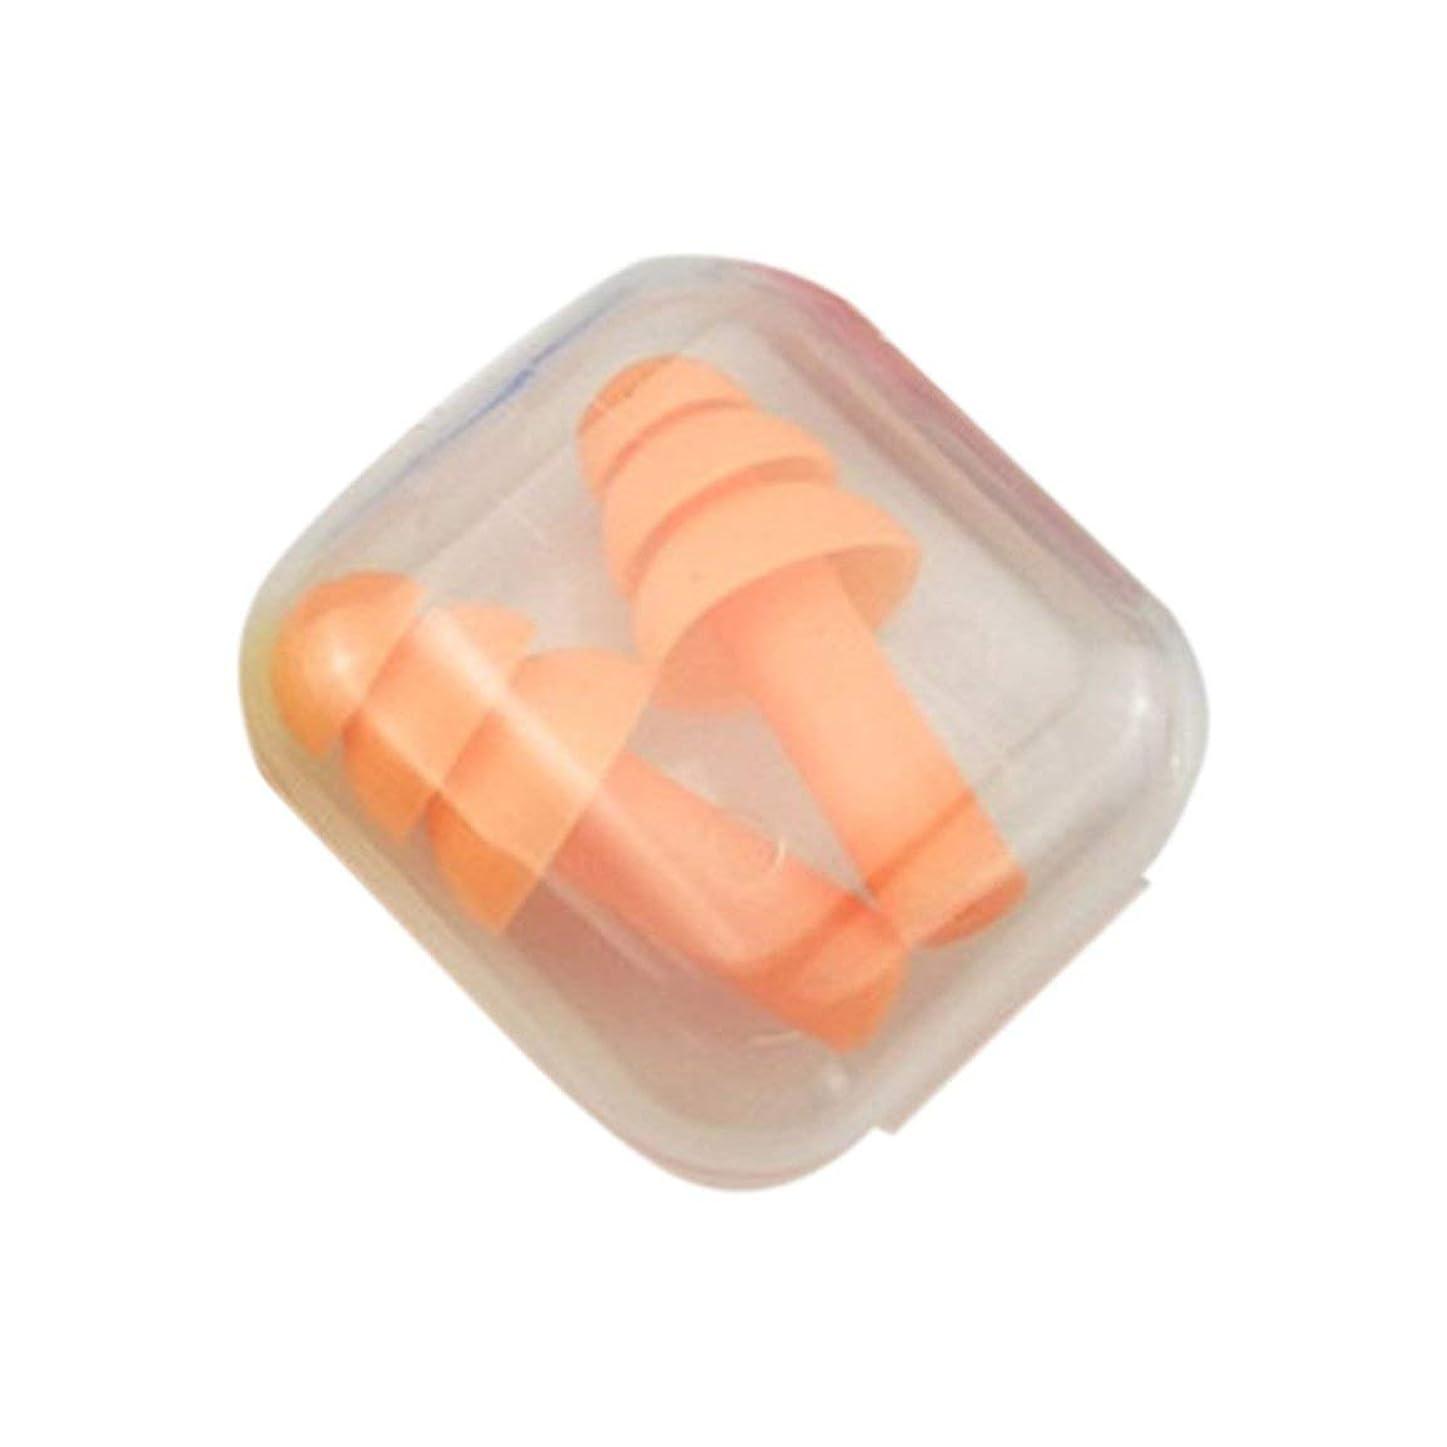 リゾート国勢調査祖母柔らかいシリコーンの耳栓遮音用耳の保護用の耳栓防音睡眠ボックス付き収納ボックス - オレンジ